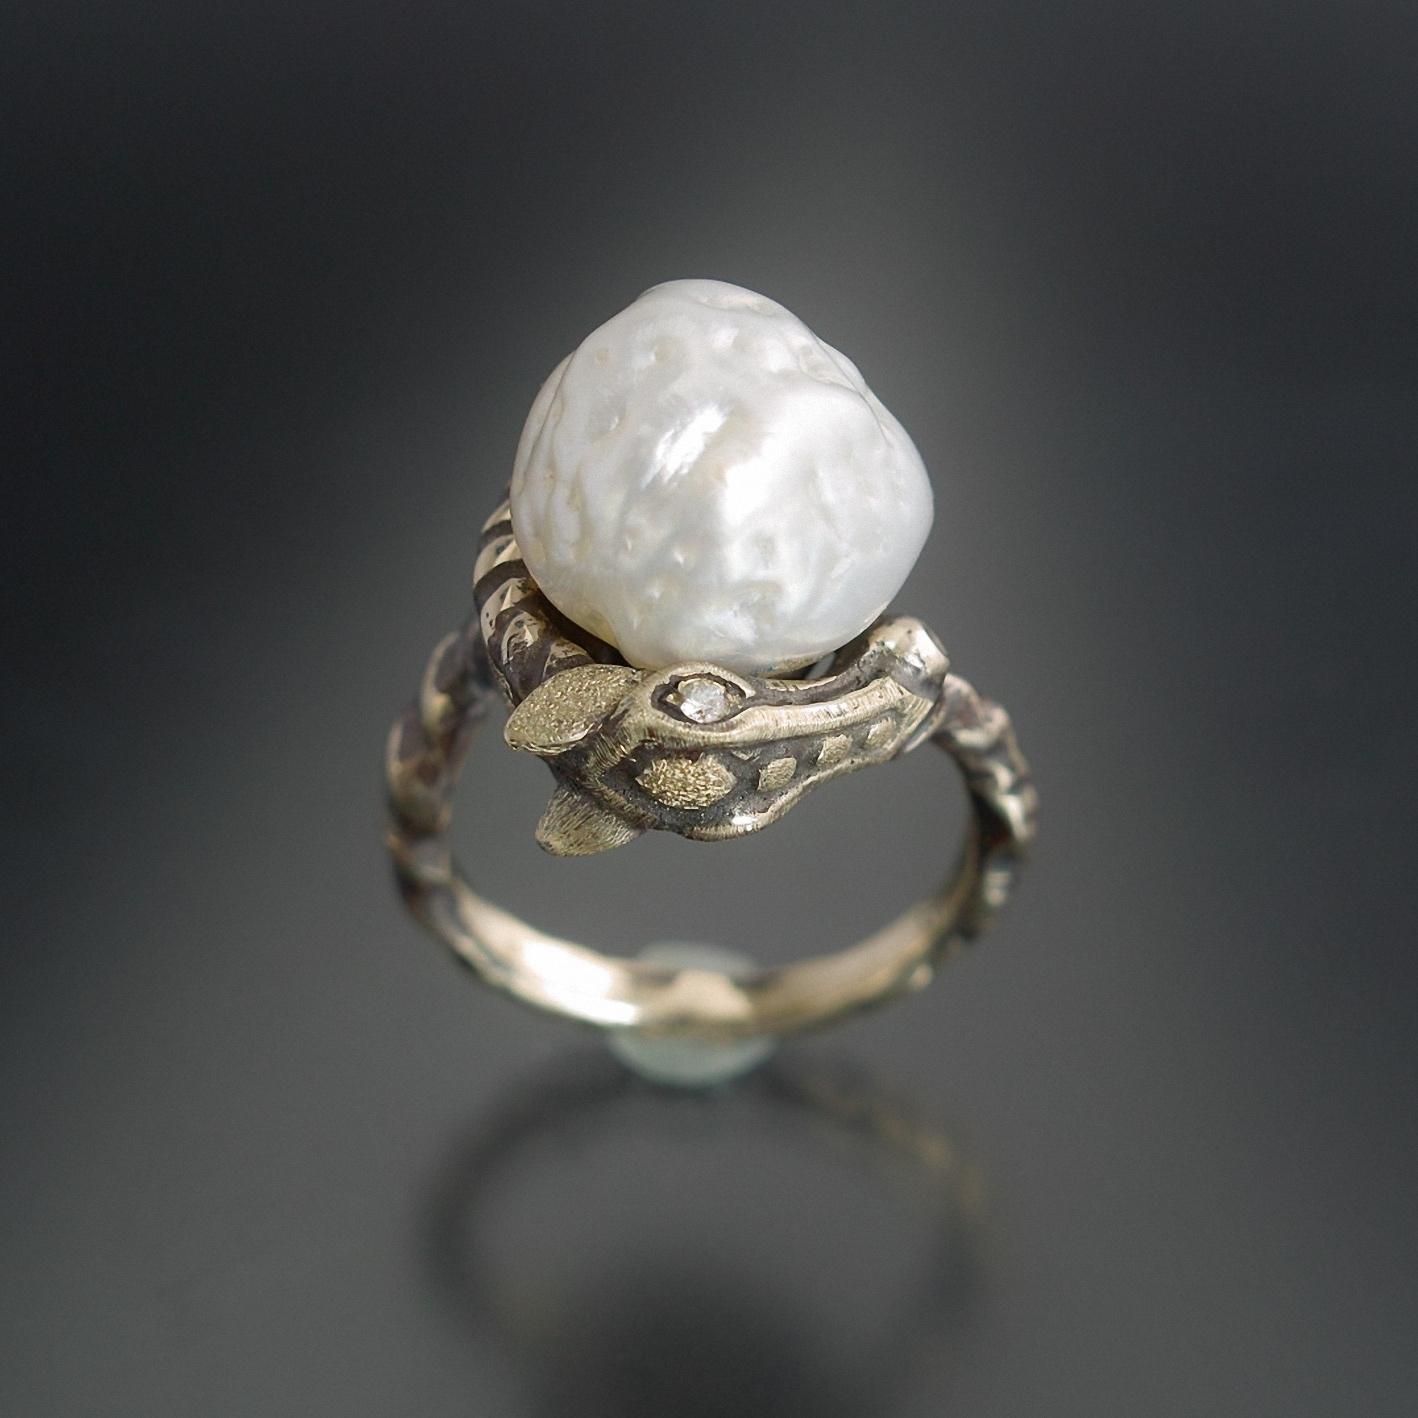 妖怪ジュエリー 馬リング 『 さがり 』 K10YG*南洋真珠*ダイヤモンド